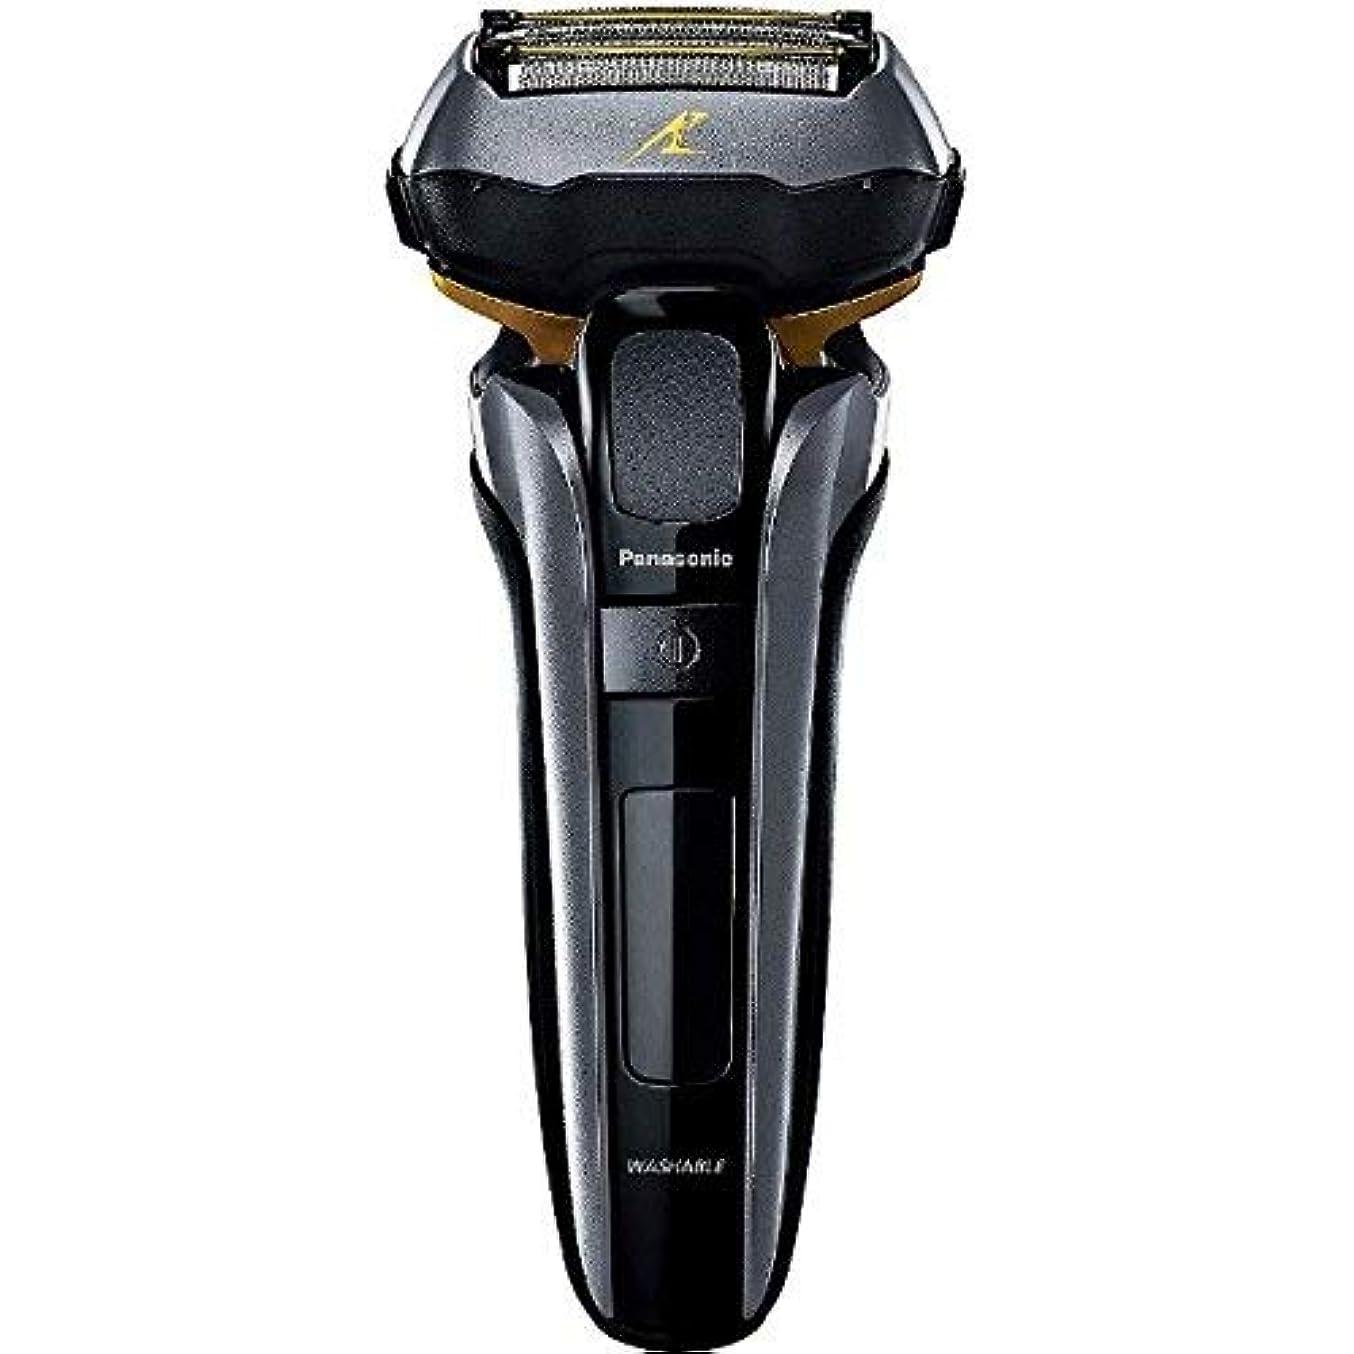 発火するトランペットカメパナソニック 電気シェーバー (黒)Panasonic ラムダッシュ 【5枚刃】 ES-LV5C の限定モデル ES-CLV5C-K